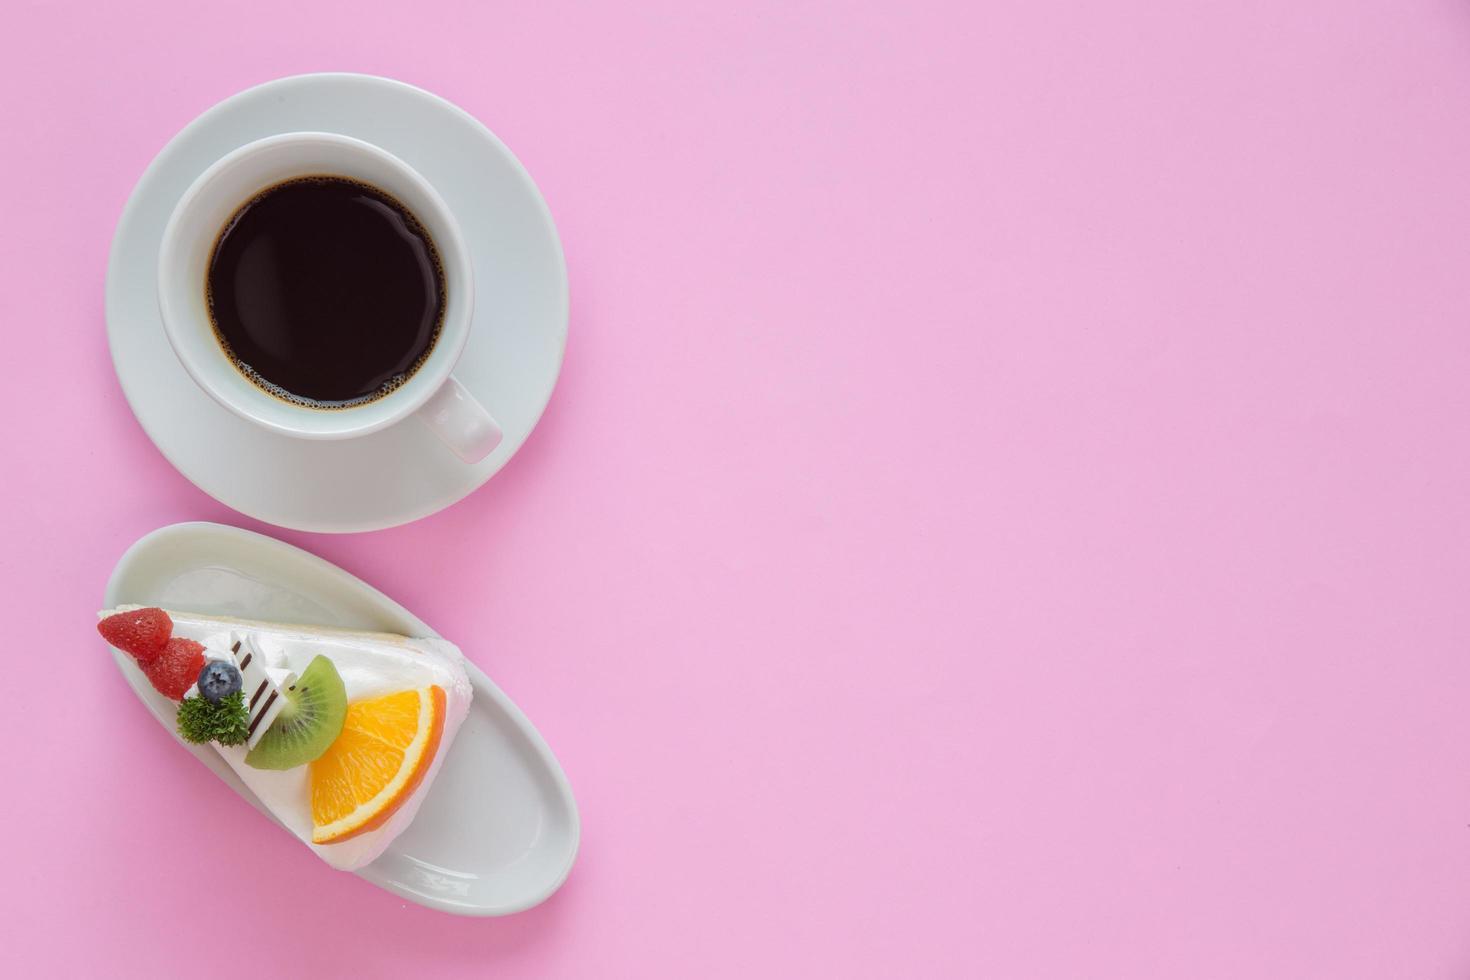 vista superior do café e sobremesa foto